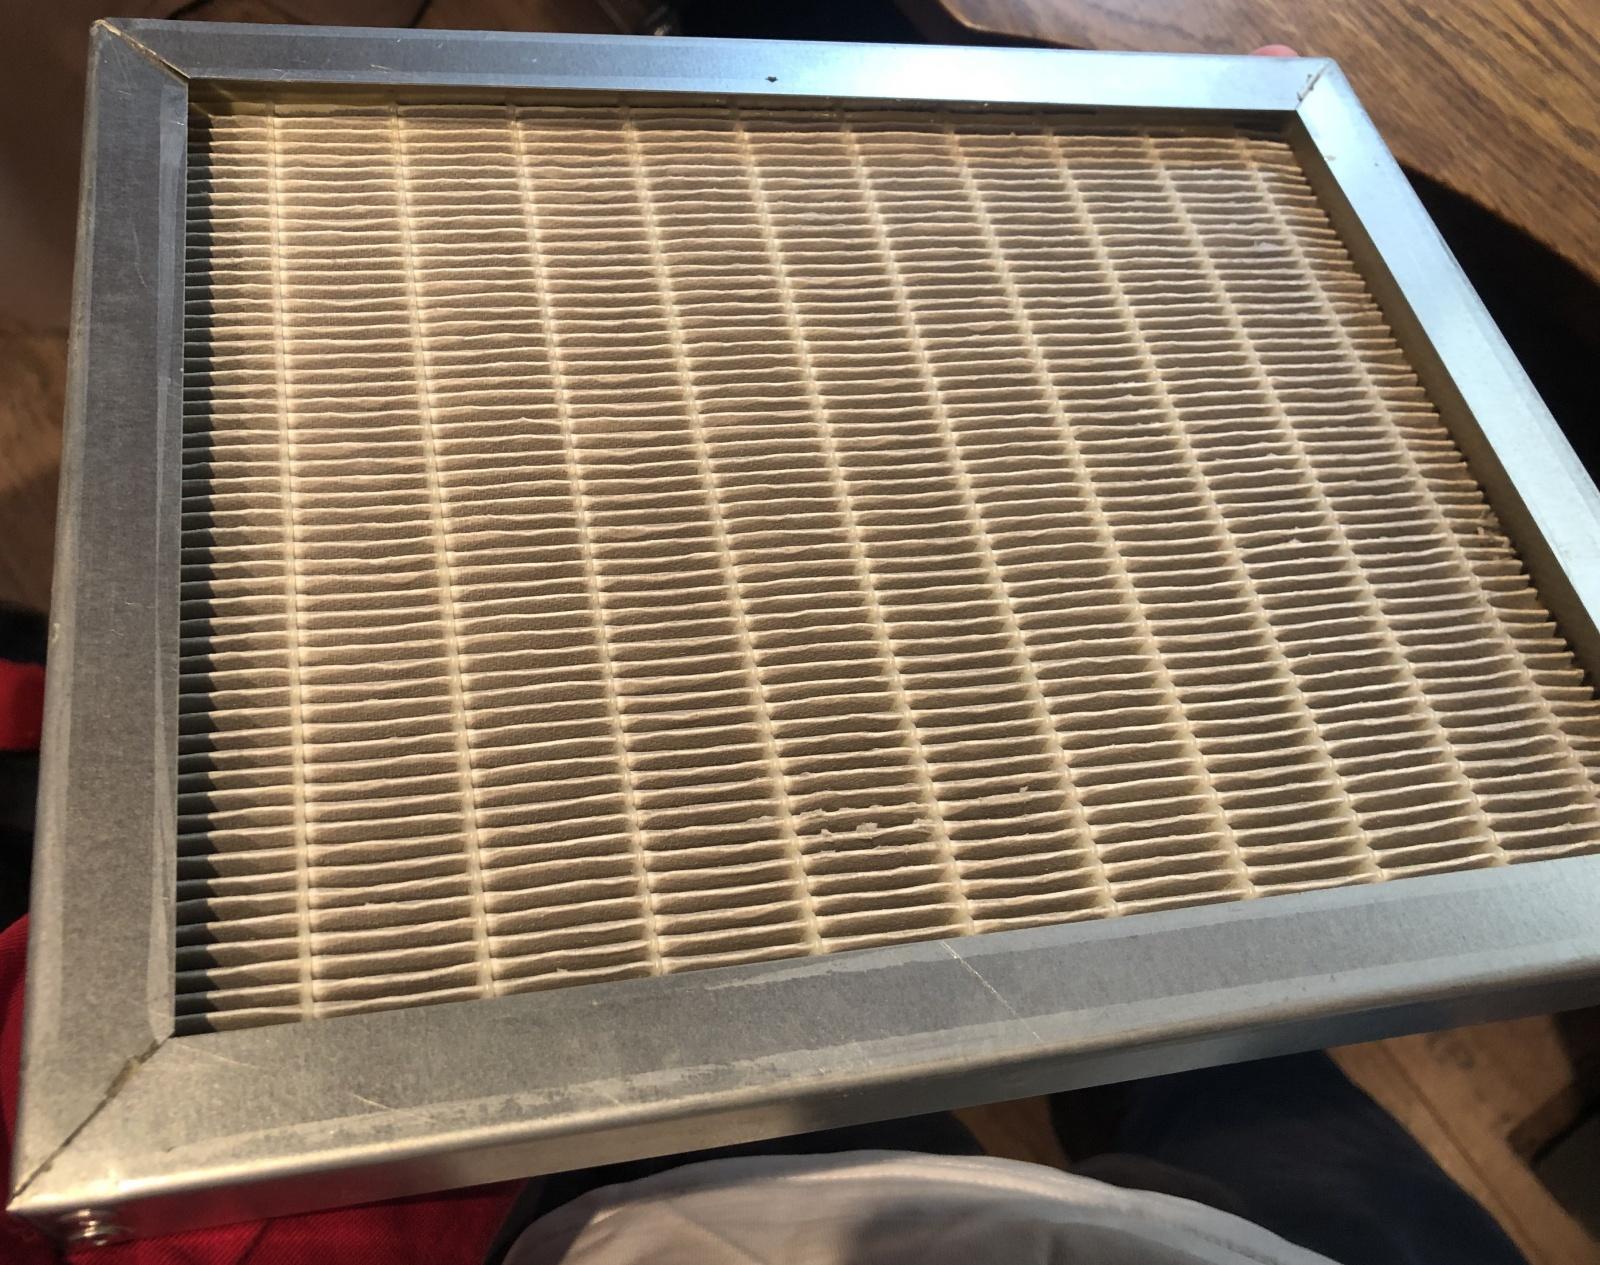 Как я чуть не выкинул 150к на ветер или история установки приточной вентиляции в квартире - 19